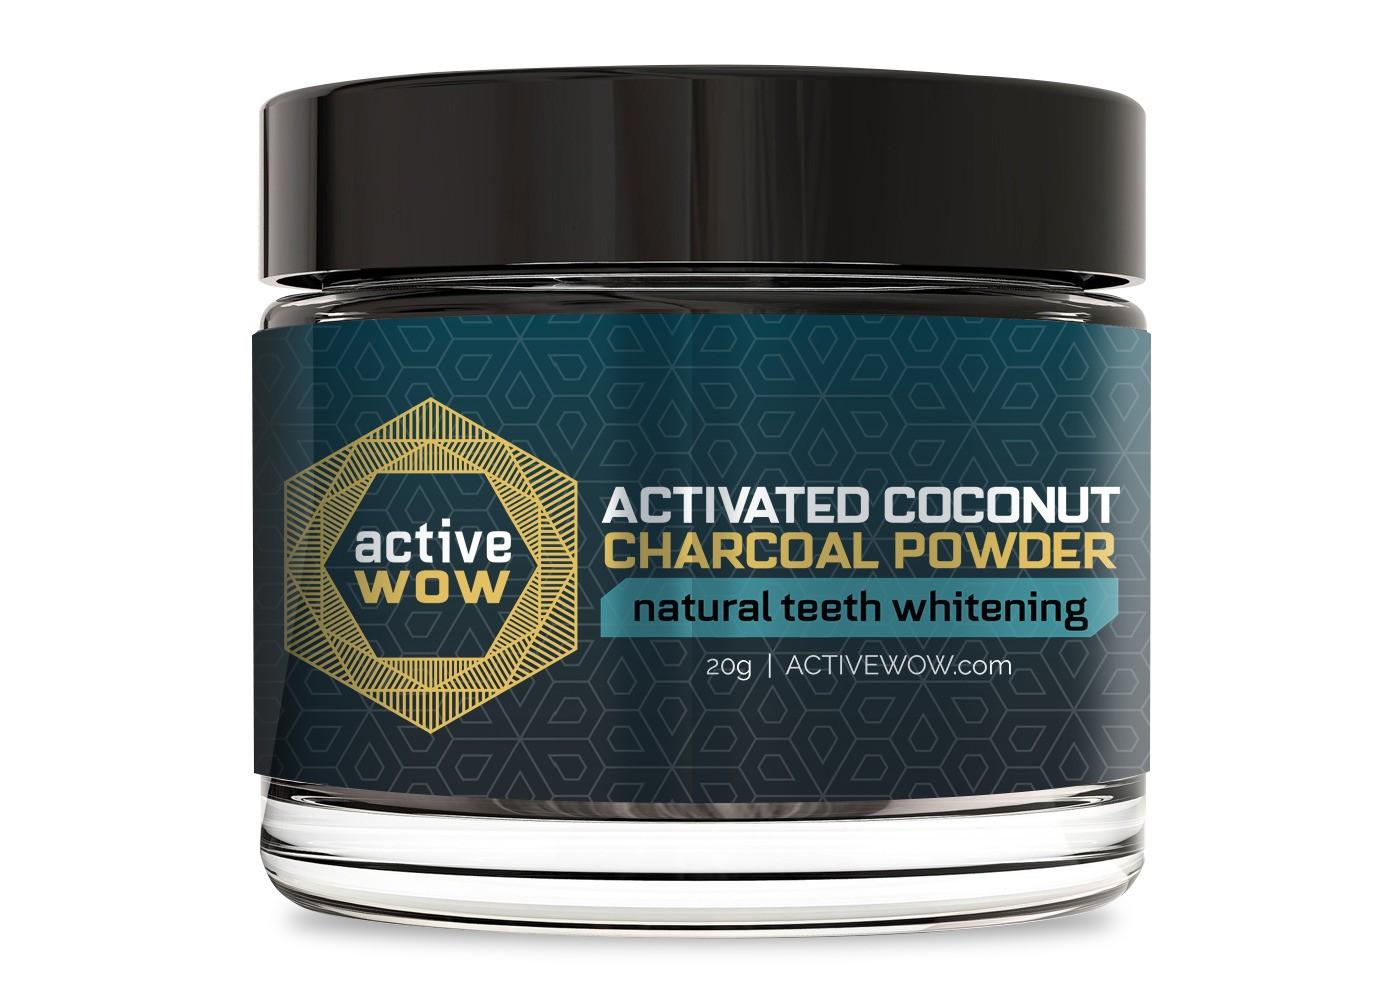 blanchiment des dents naturel de poudre de charbon de bois de noix de coco active wow